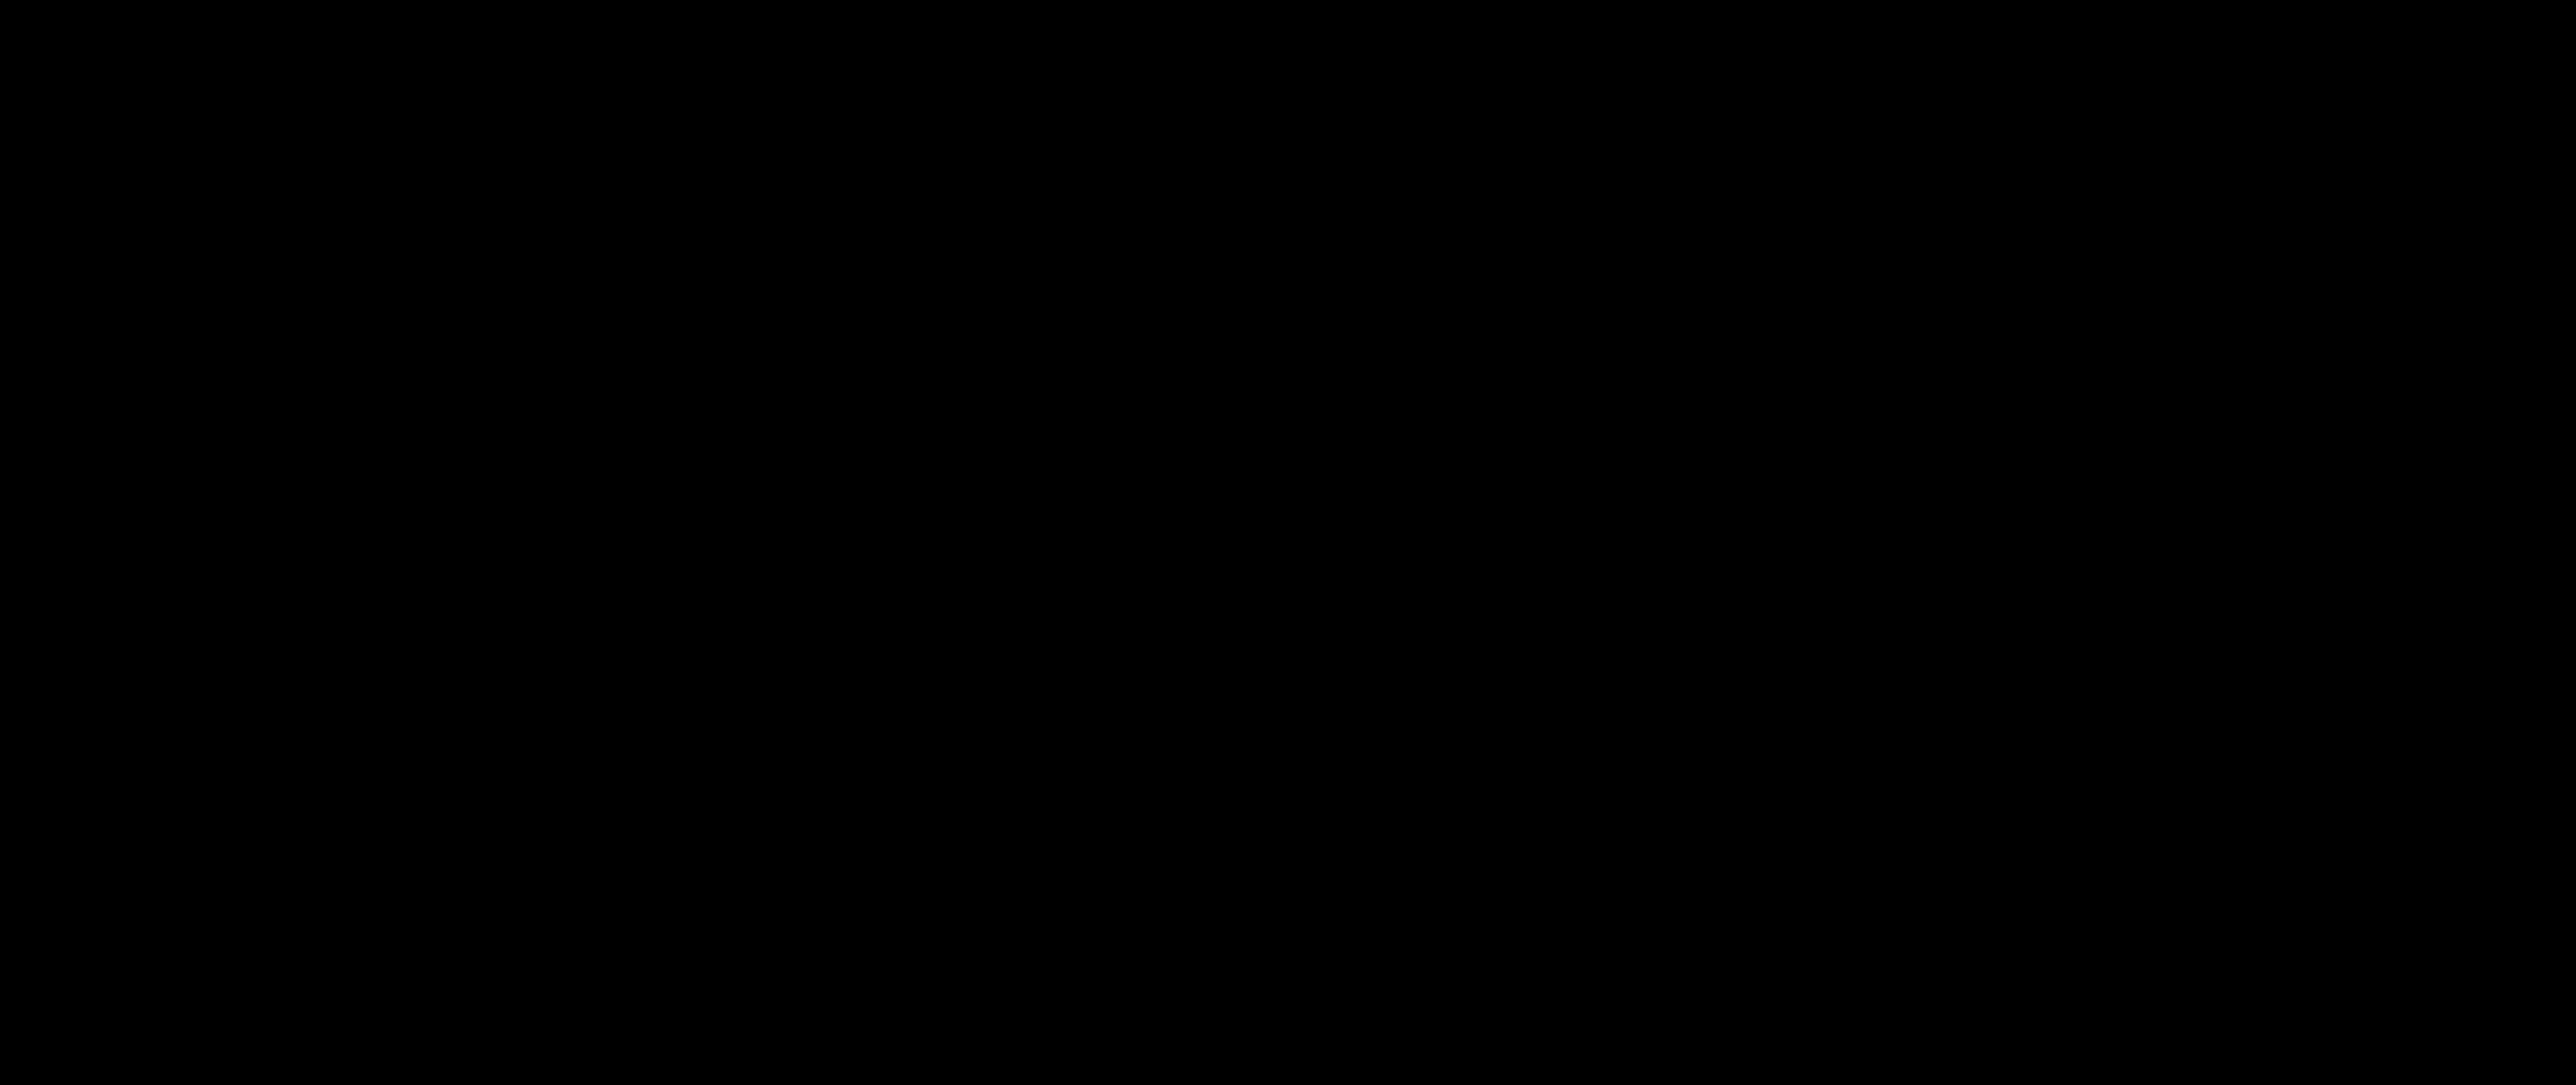 Exome icon